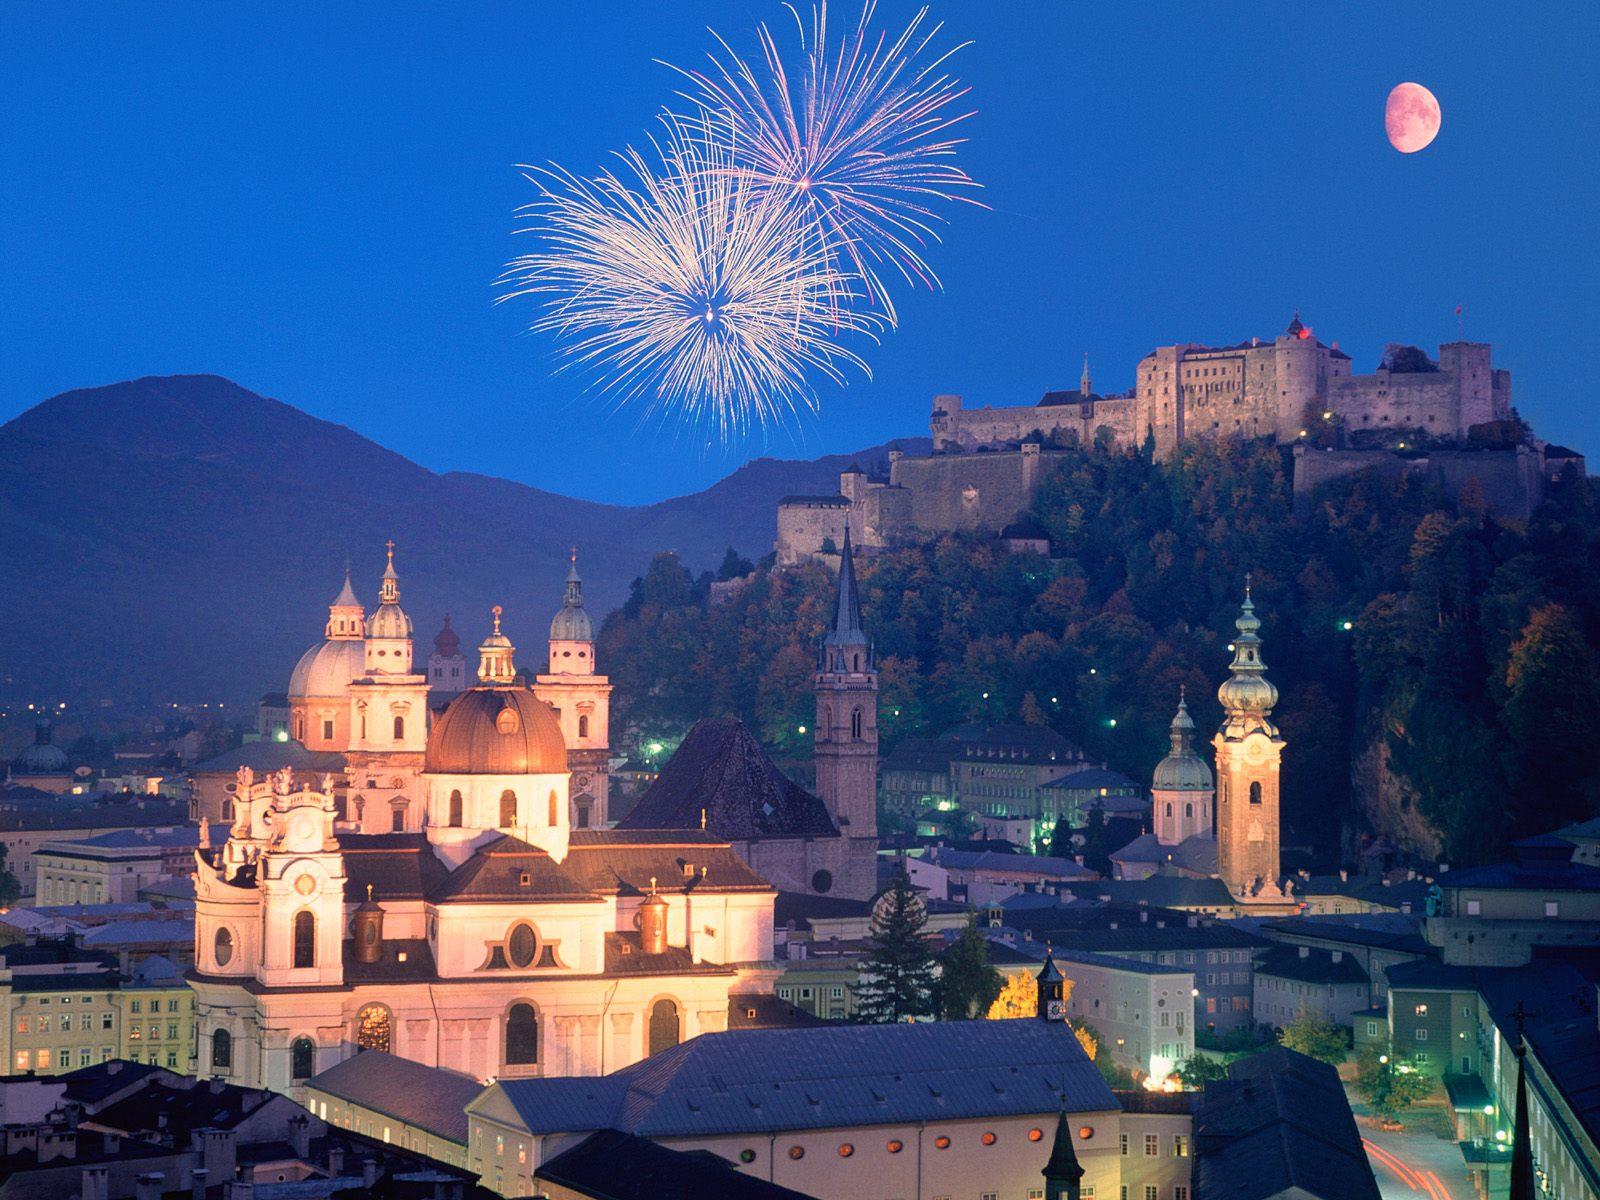 http://2.bp.blogspot.com/-P7MaO2vPIpw/UA7Ck4sOHKI/AAAAAAAADyk/q19737EkANw/s1600/Salzburg,+Austria+-+1600x1200+-+ID+44232+-+PREMIUM.jpg